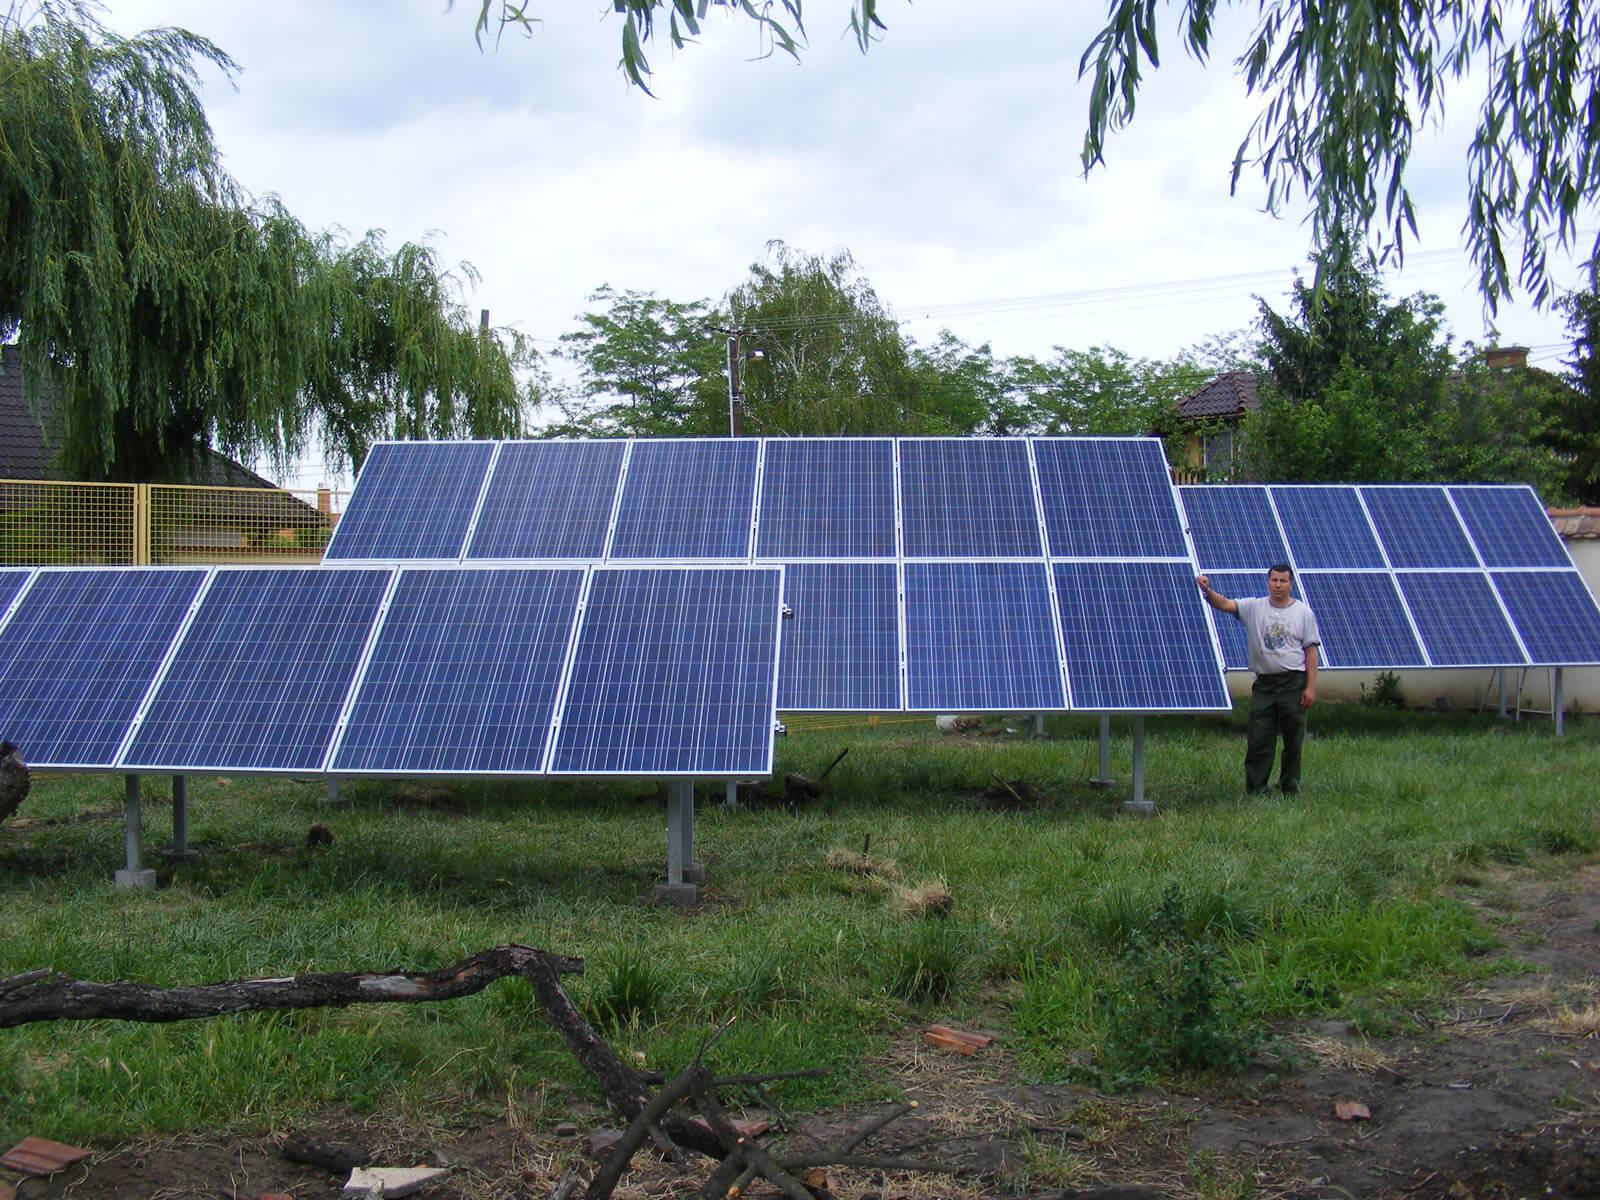 Napelem rendszer forgalmazó cég Eger, Heves megye napelem kivitelező, napkollektor